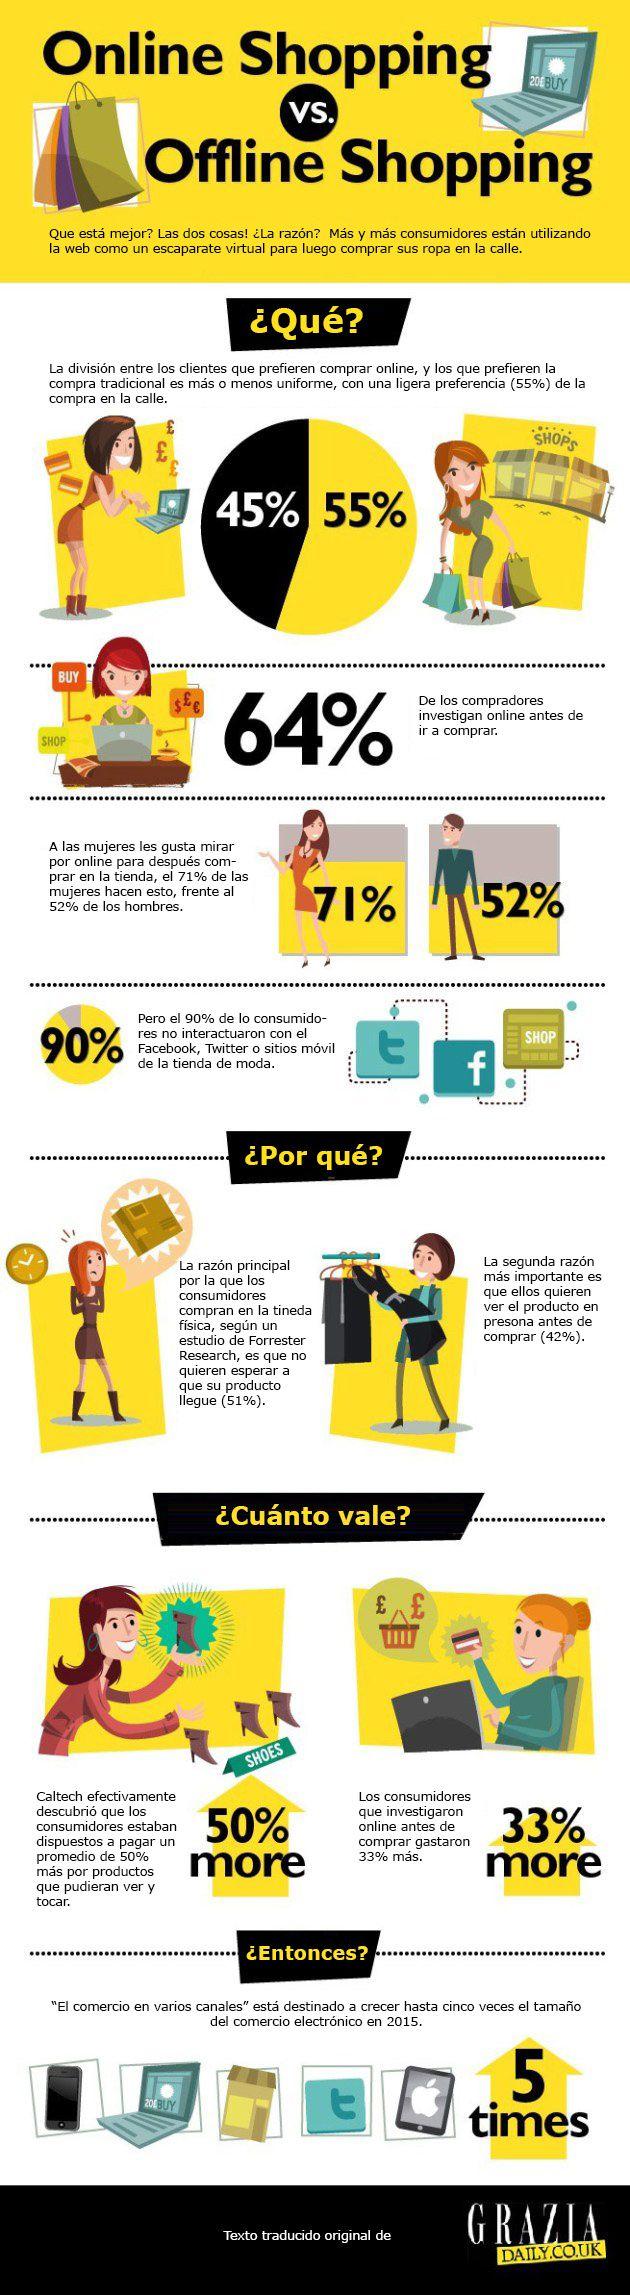 #Infografia Comercio Electronico VS Comercio Tradicional http://blog.publicube.es/2013/10/comercio-electronico-vs-comercio.html